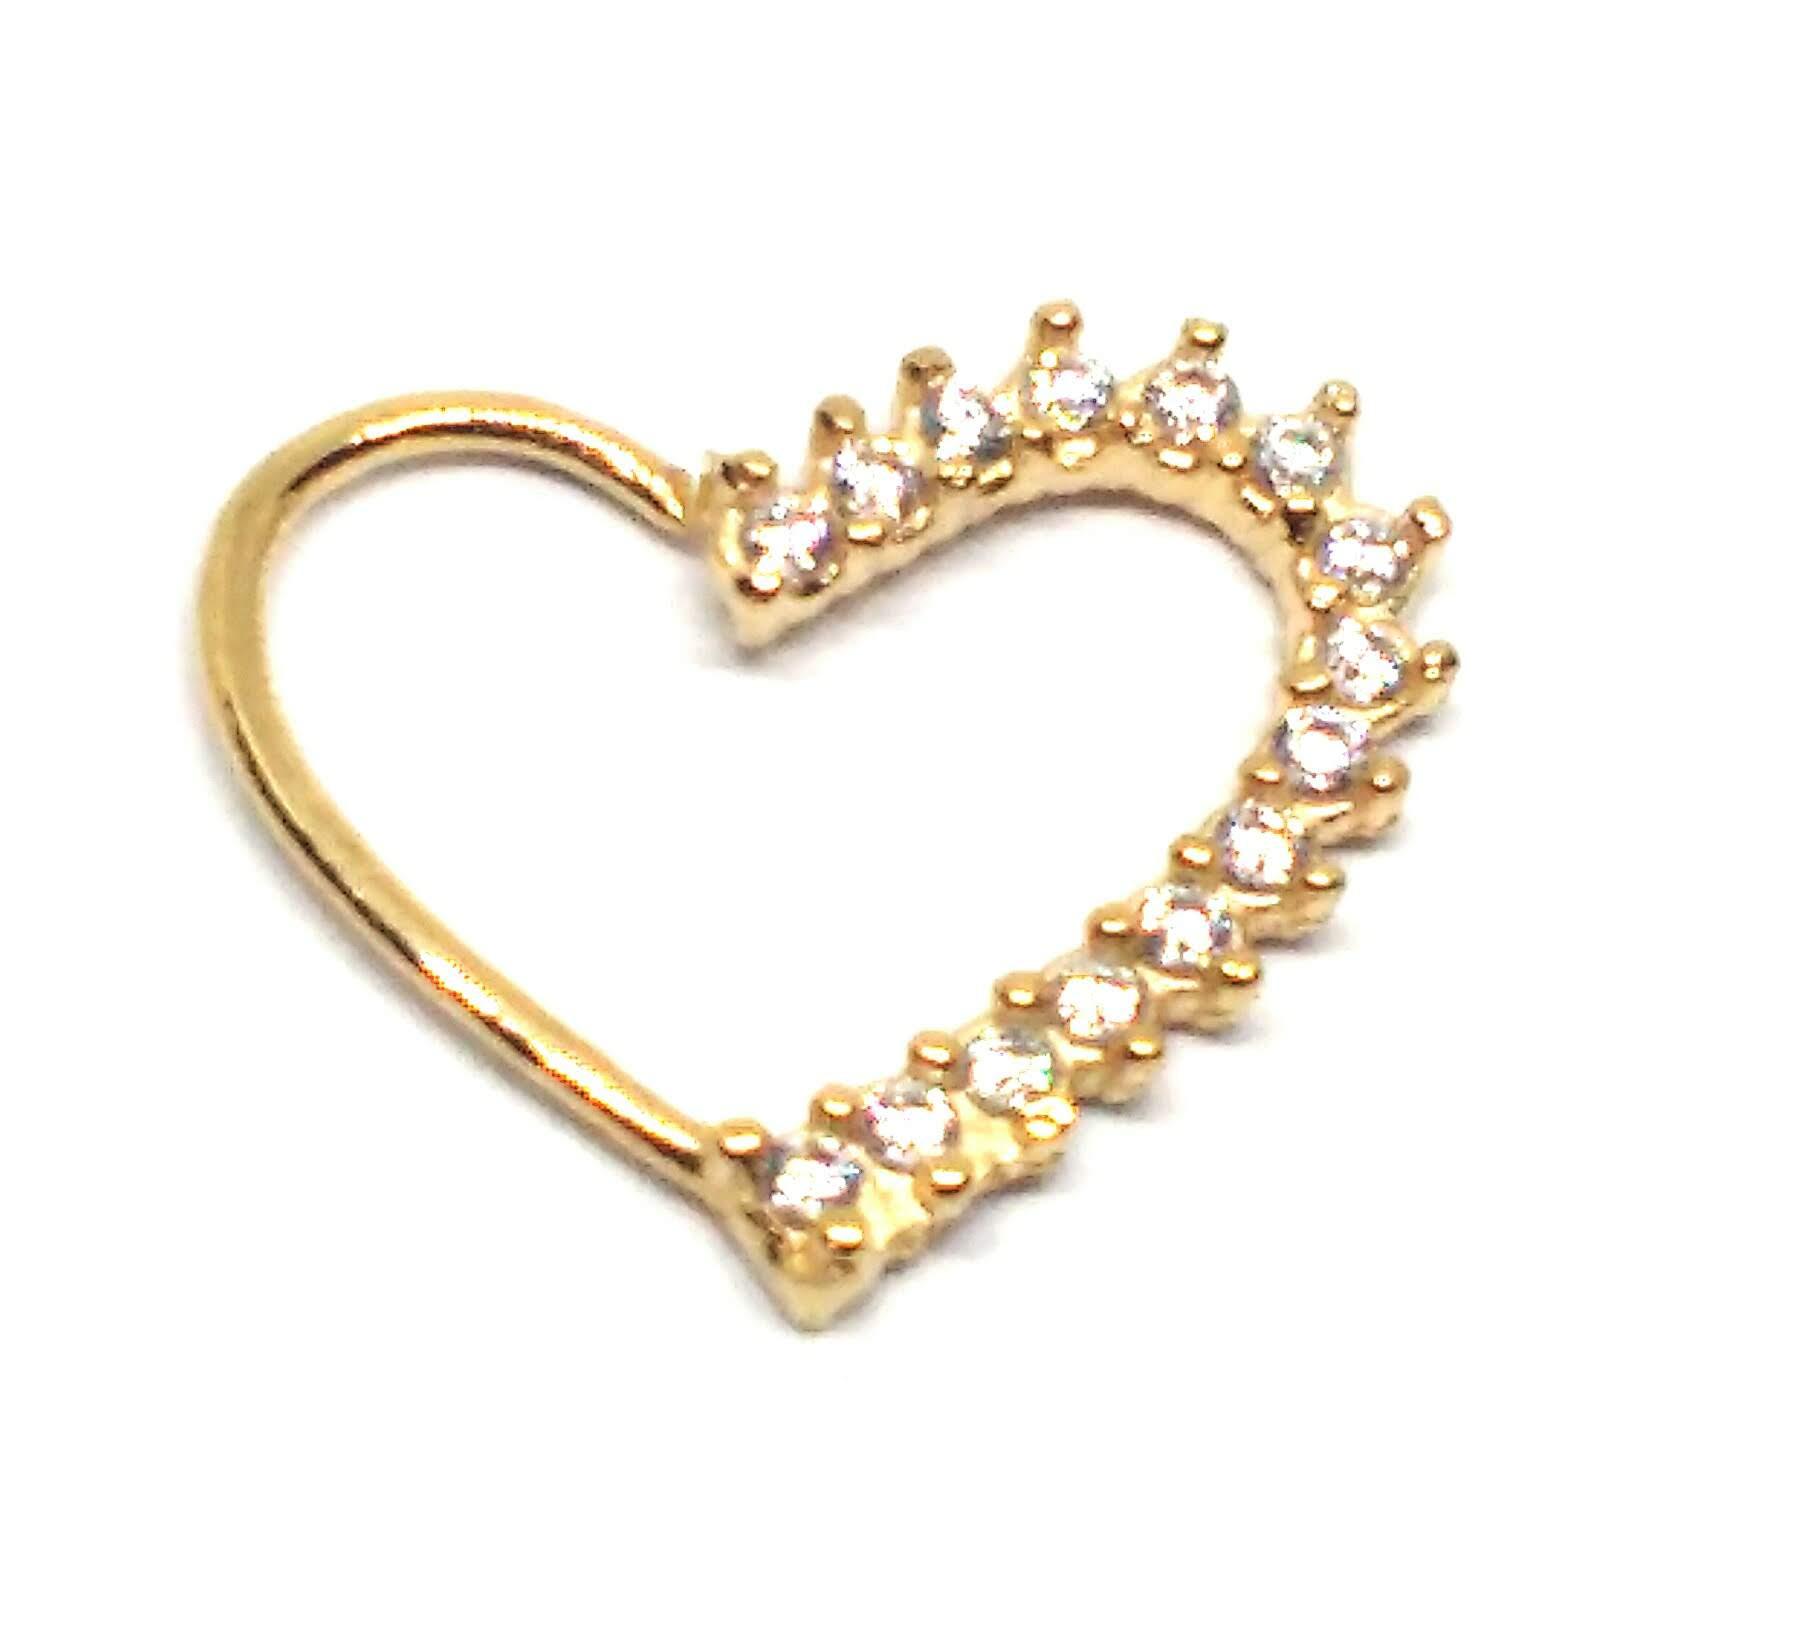 Piercing de ouro 18k de Daith com pedras coração